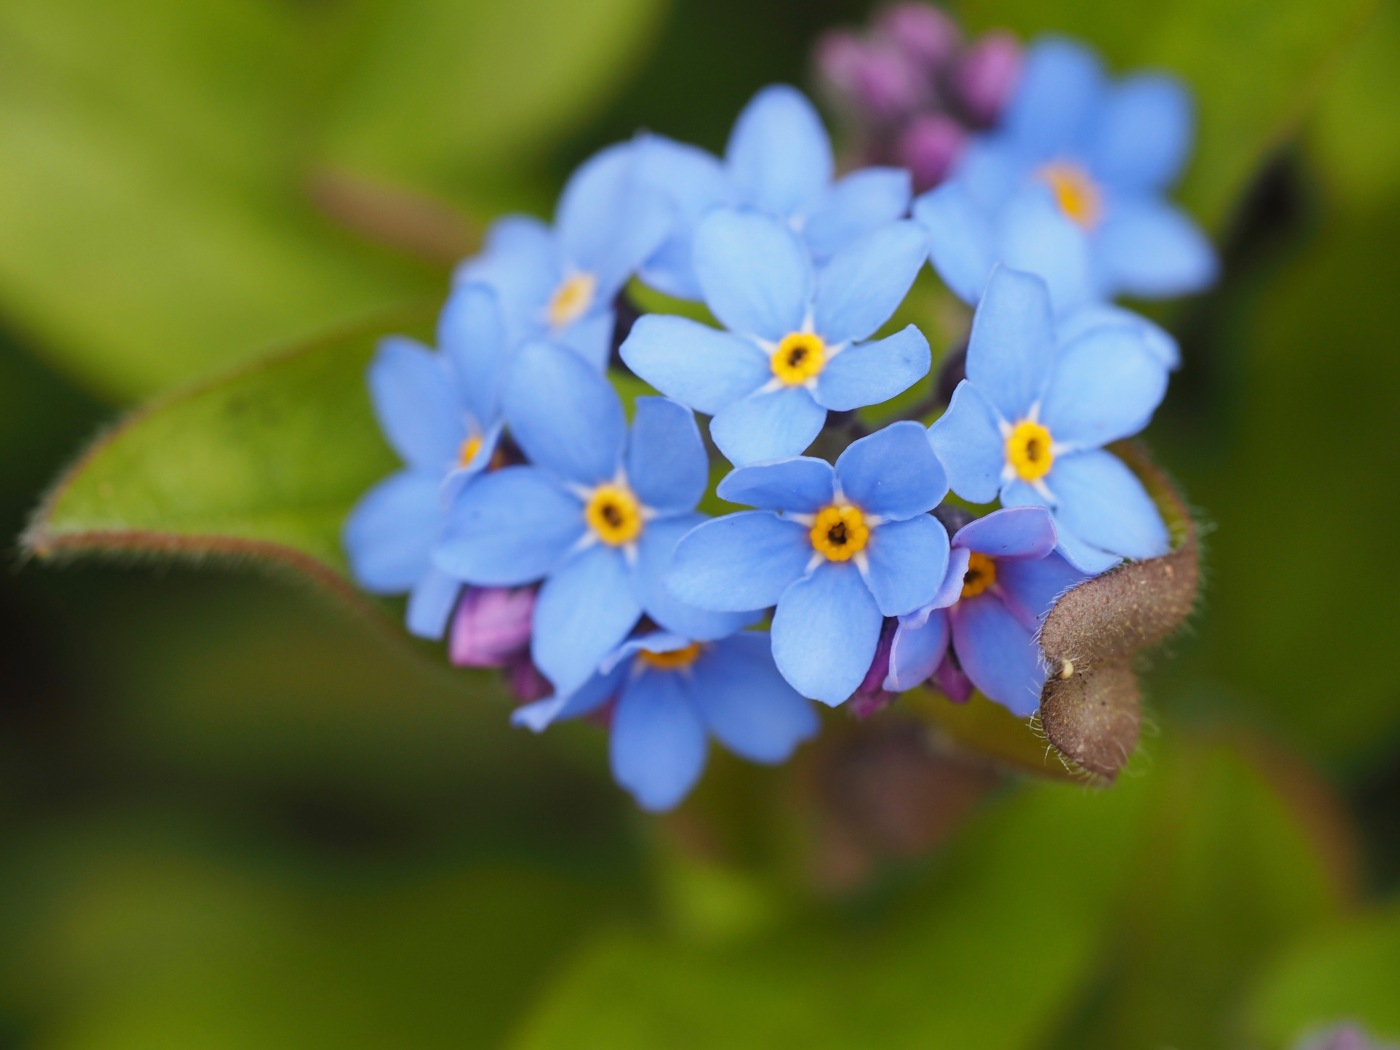 plant portrait - forget-me-not close up